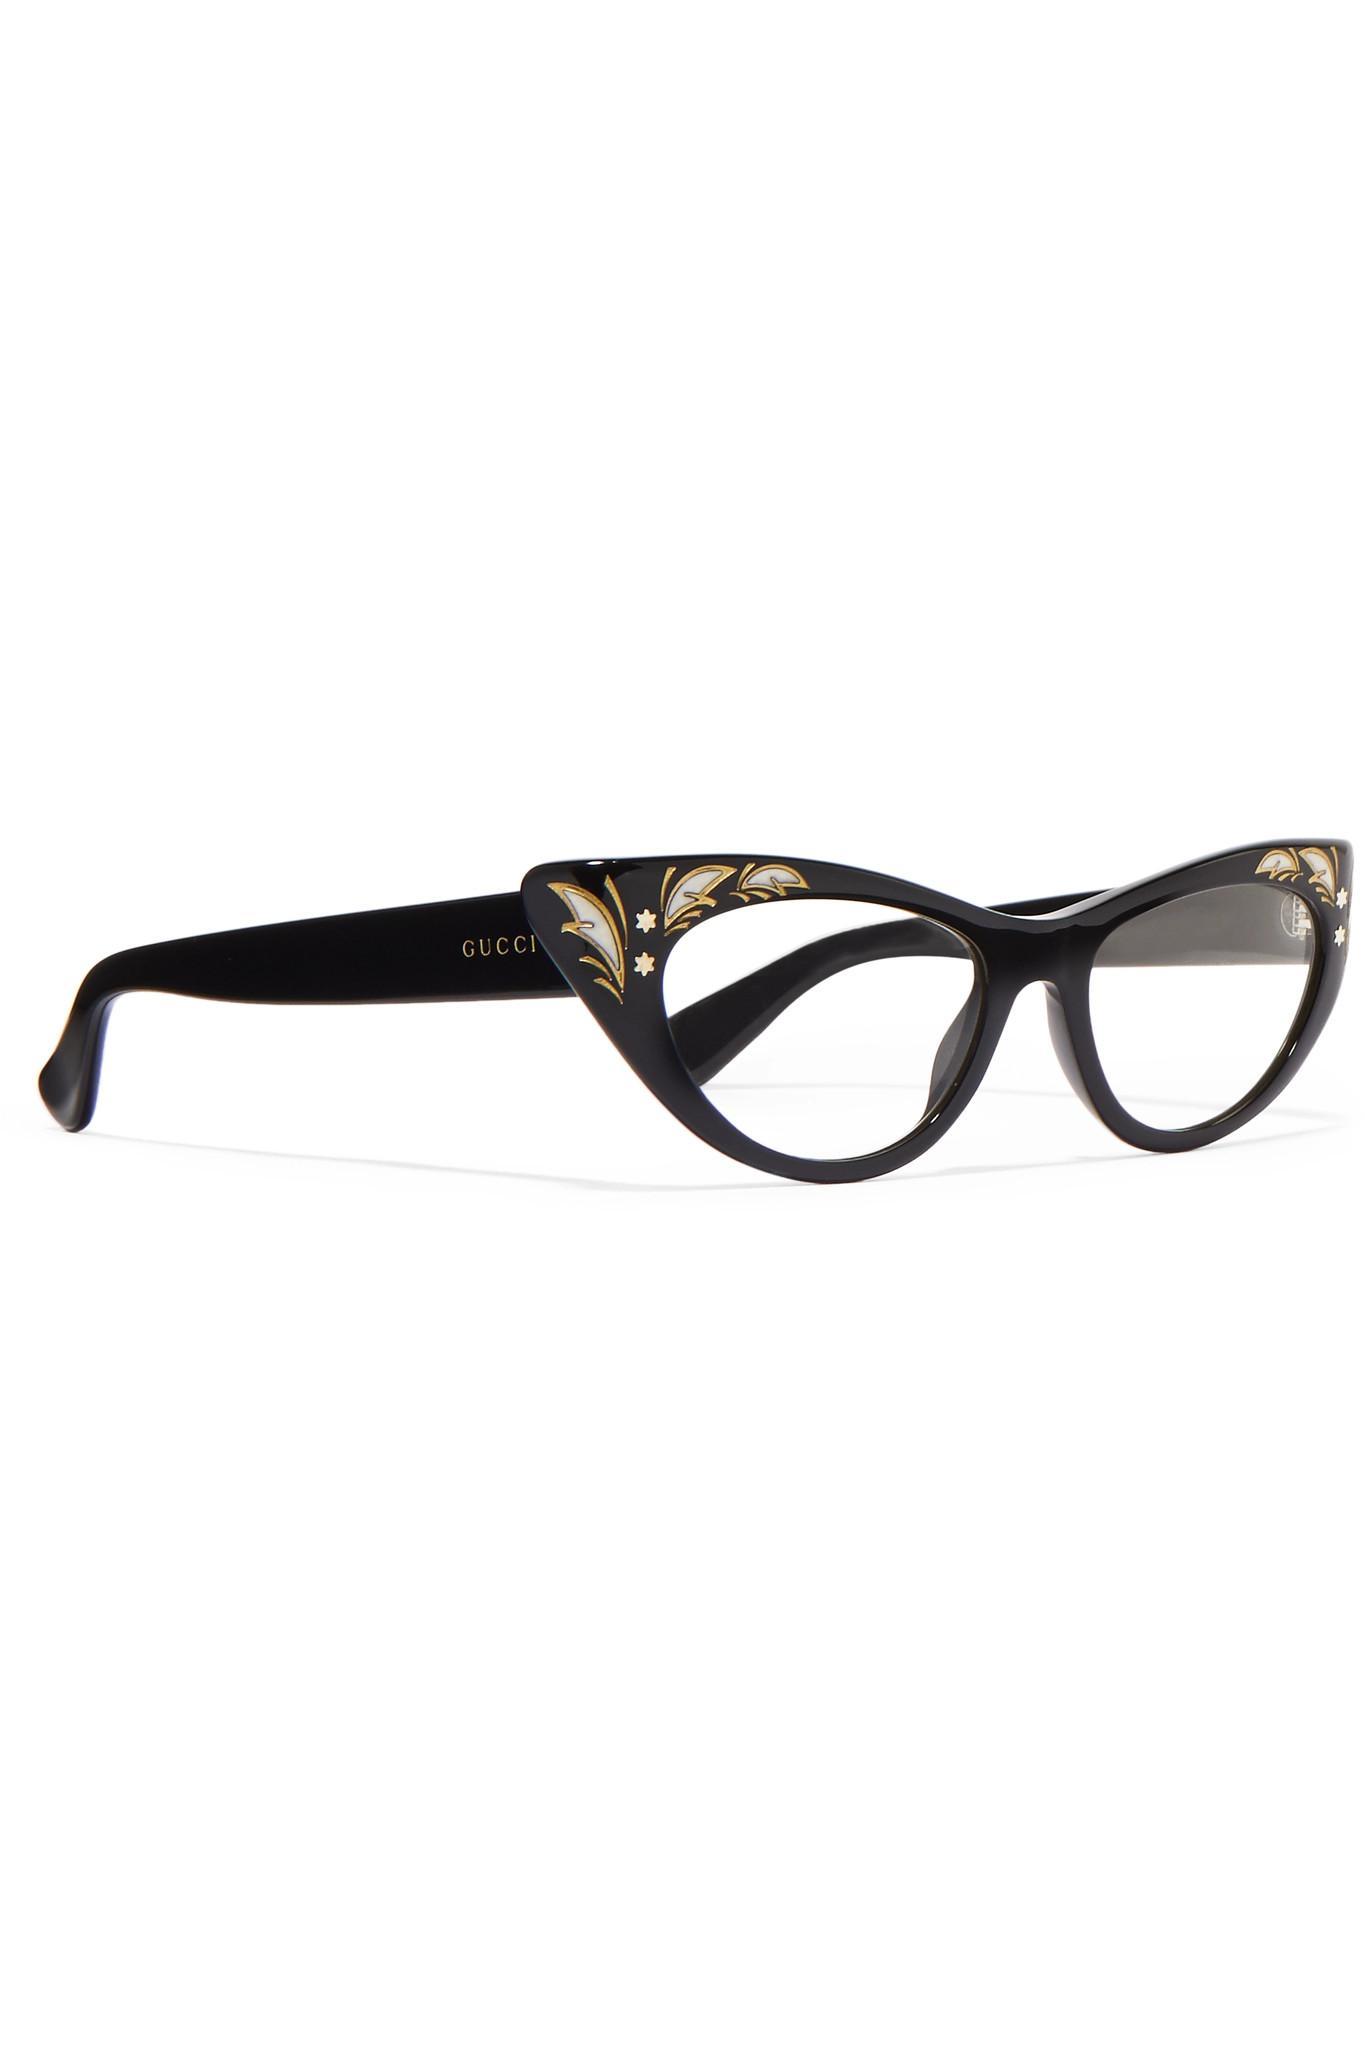 8e6da18759 Lyst - Gucci Cat-eye Acetate Optical Glasses in Black